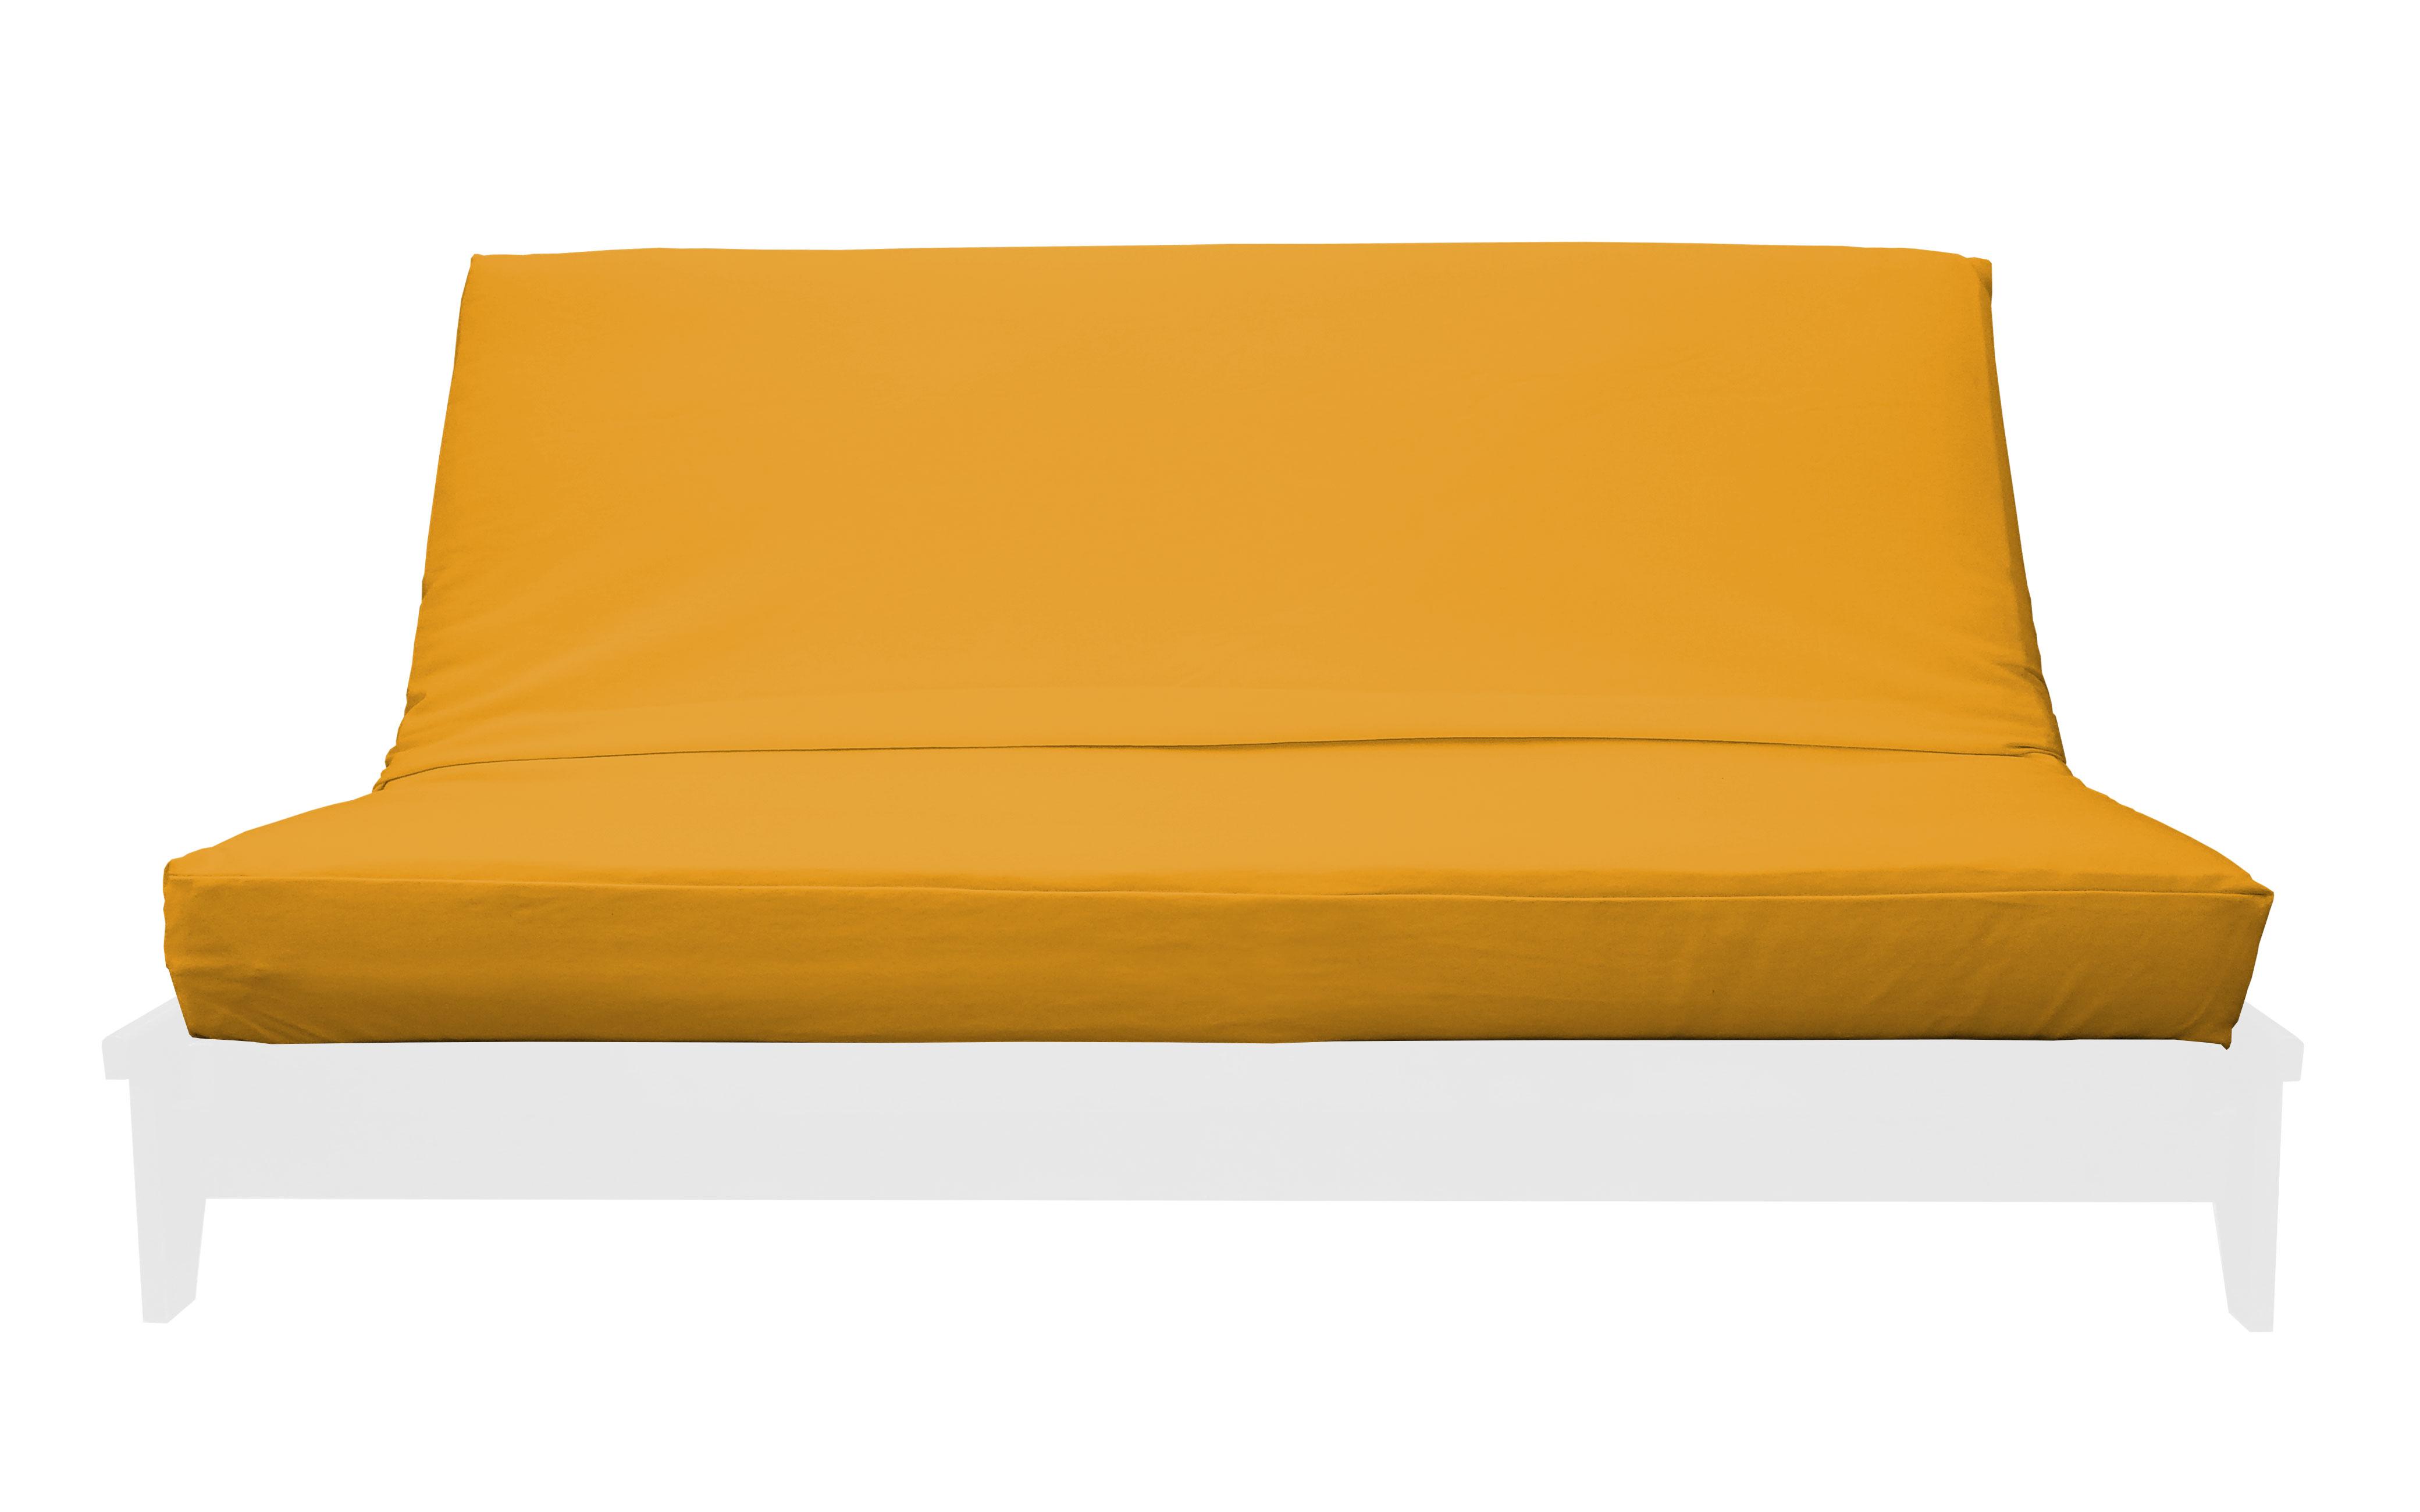 Premium Solid Gold Futon Cover By Prestige